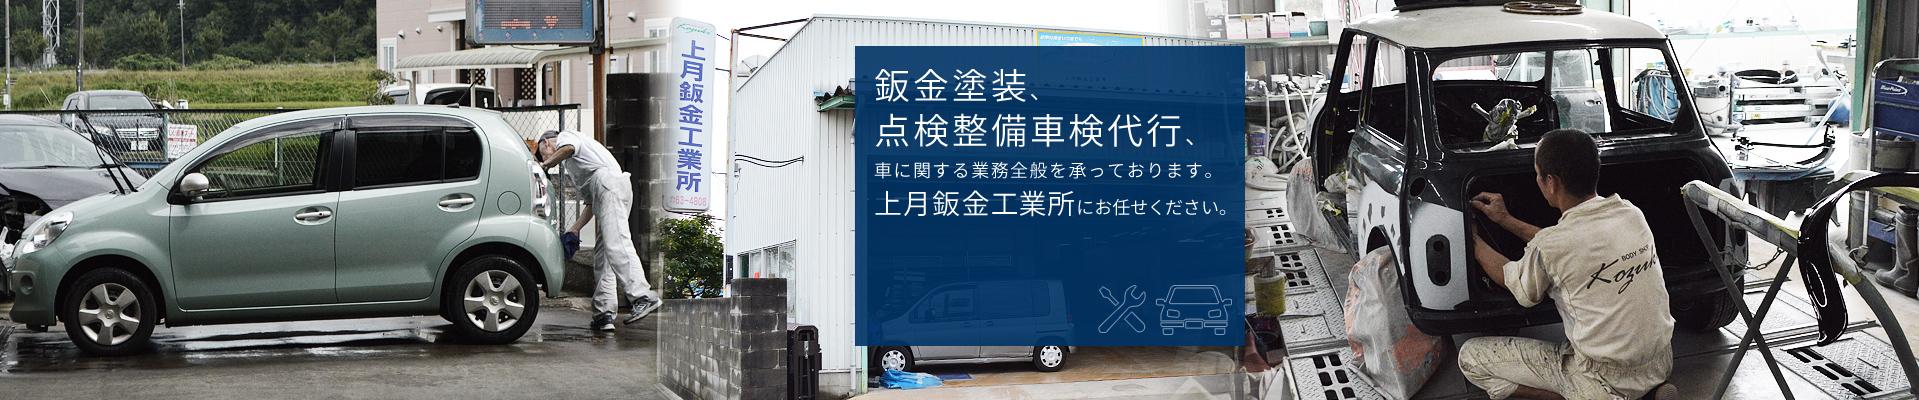 鈑金塗装、点検整備車検代行、車に関する業務全般を承っております。上月鈑金工業所にお任せください。